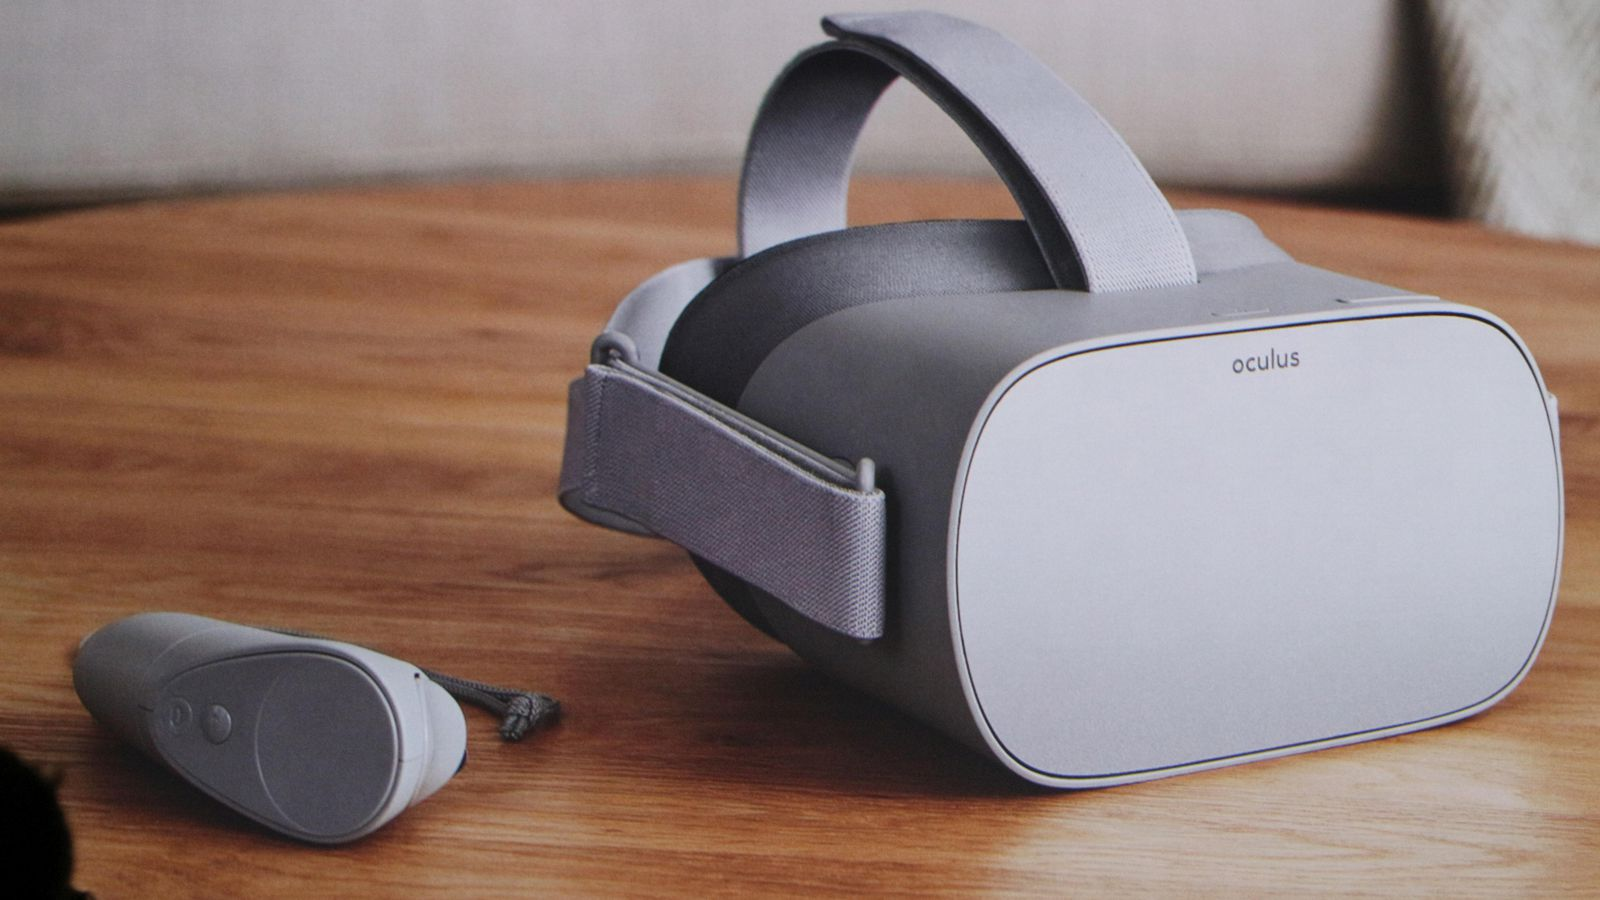 Oculus Go On Desk